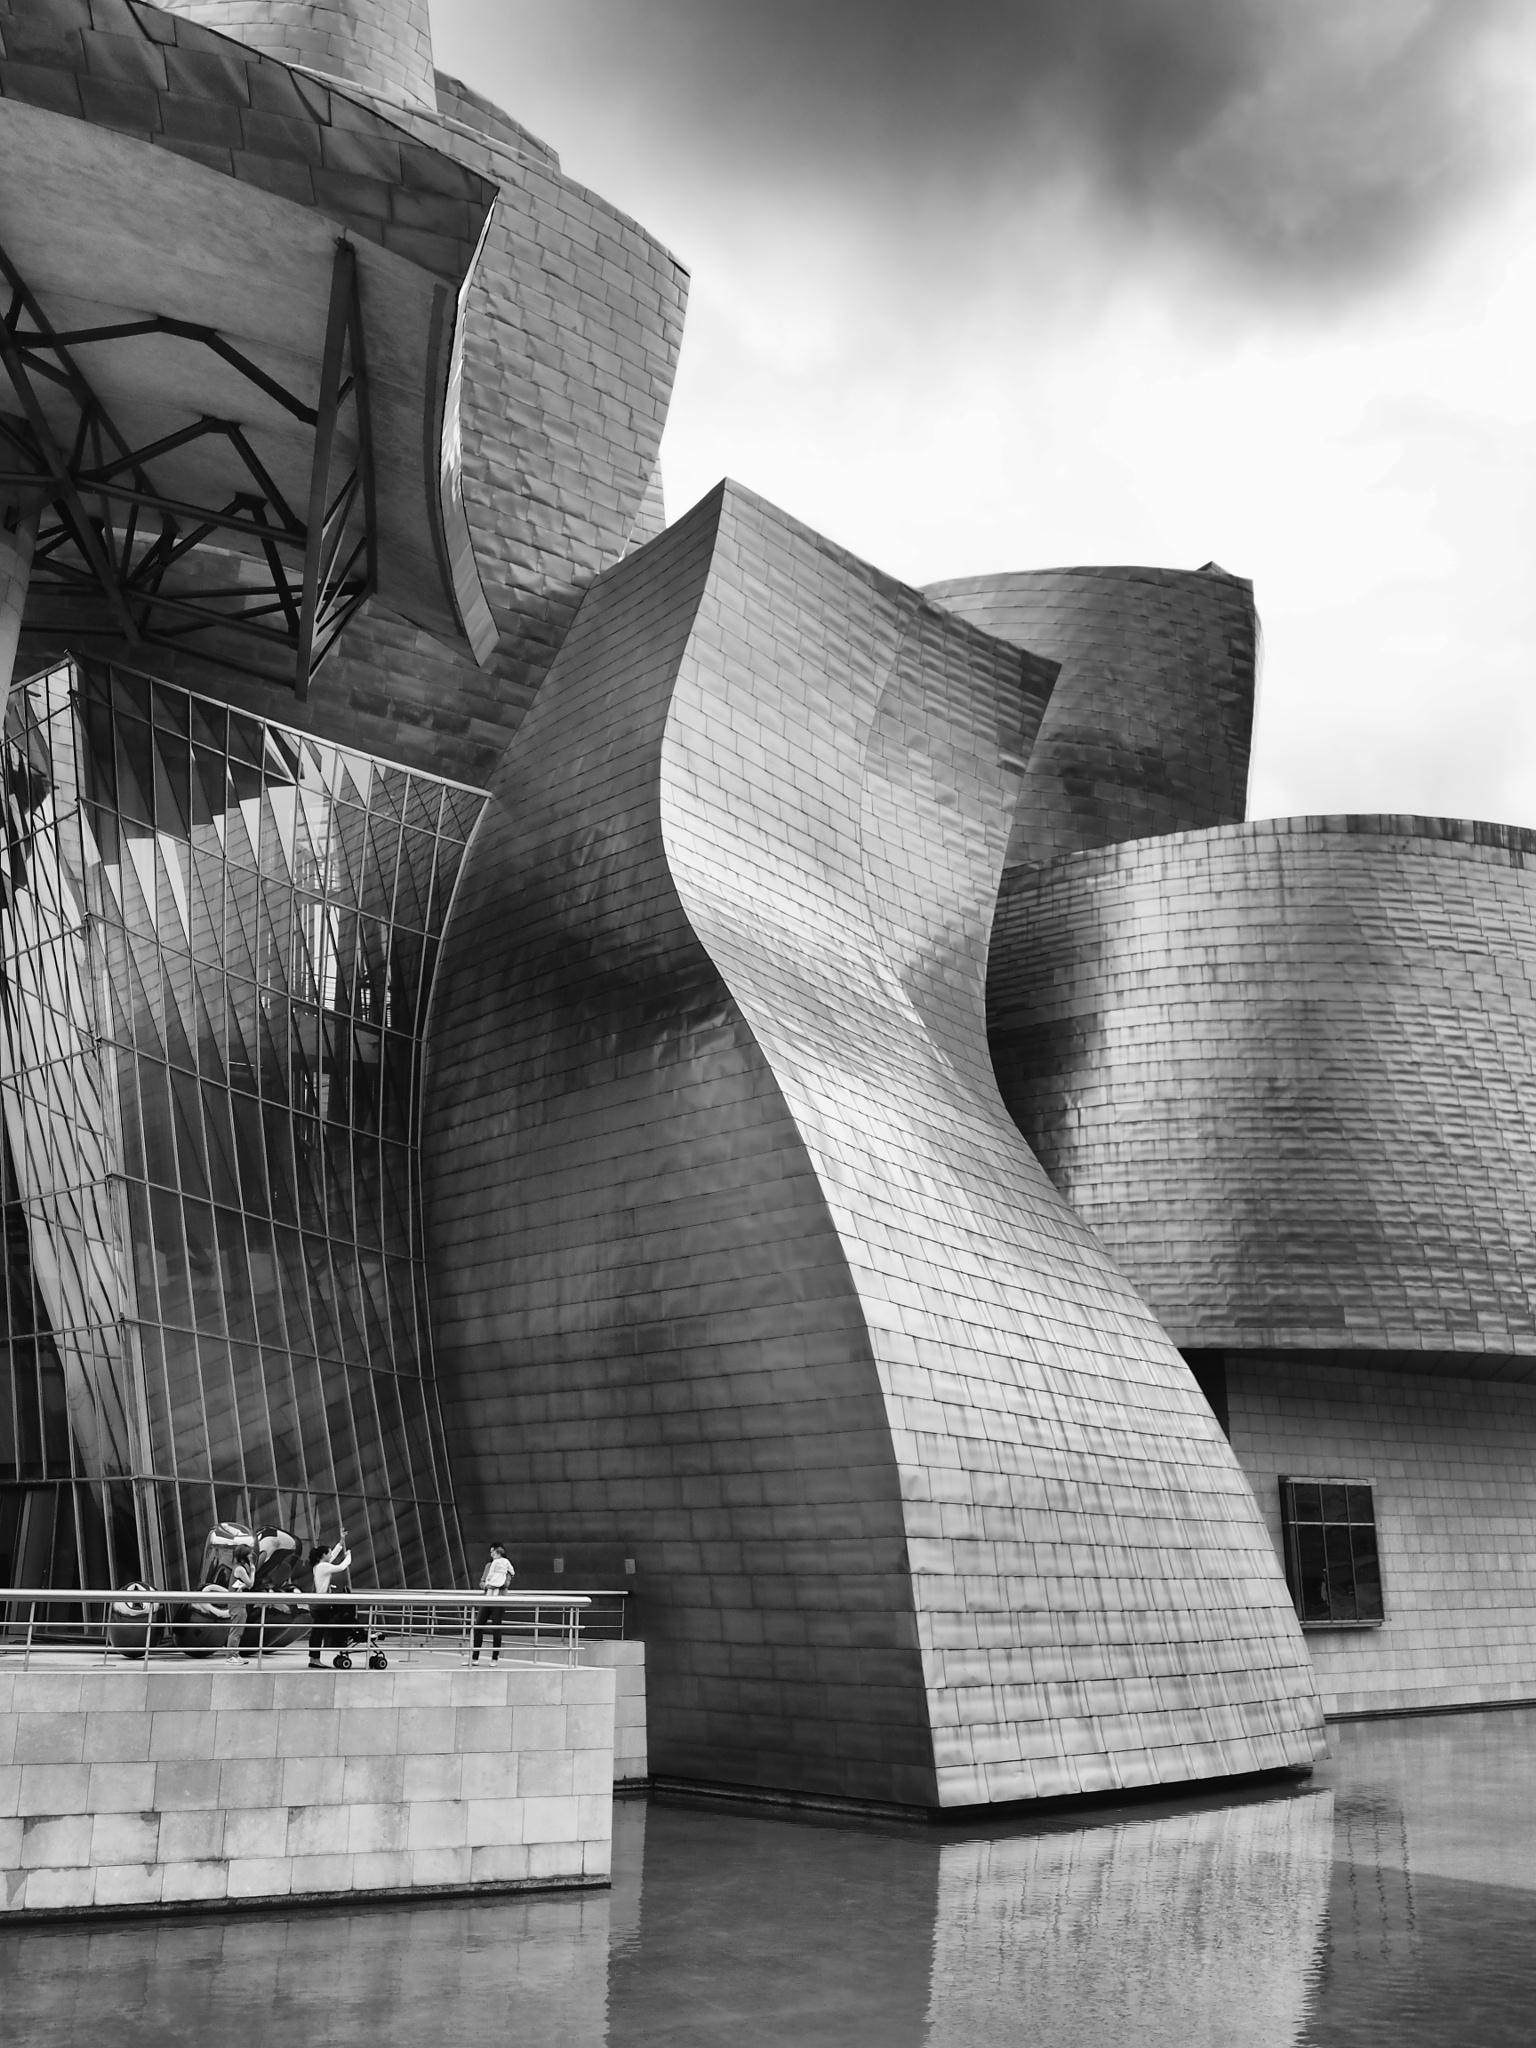 Guggenheim Bilbao by Hailceaser